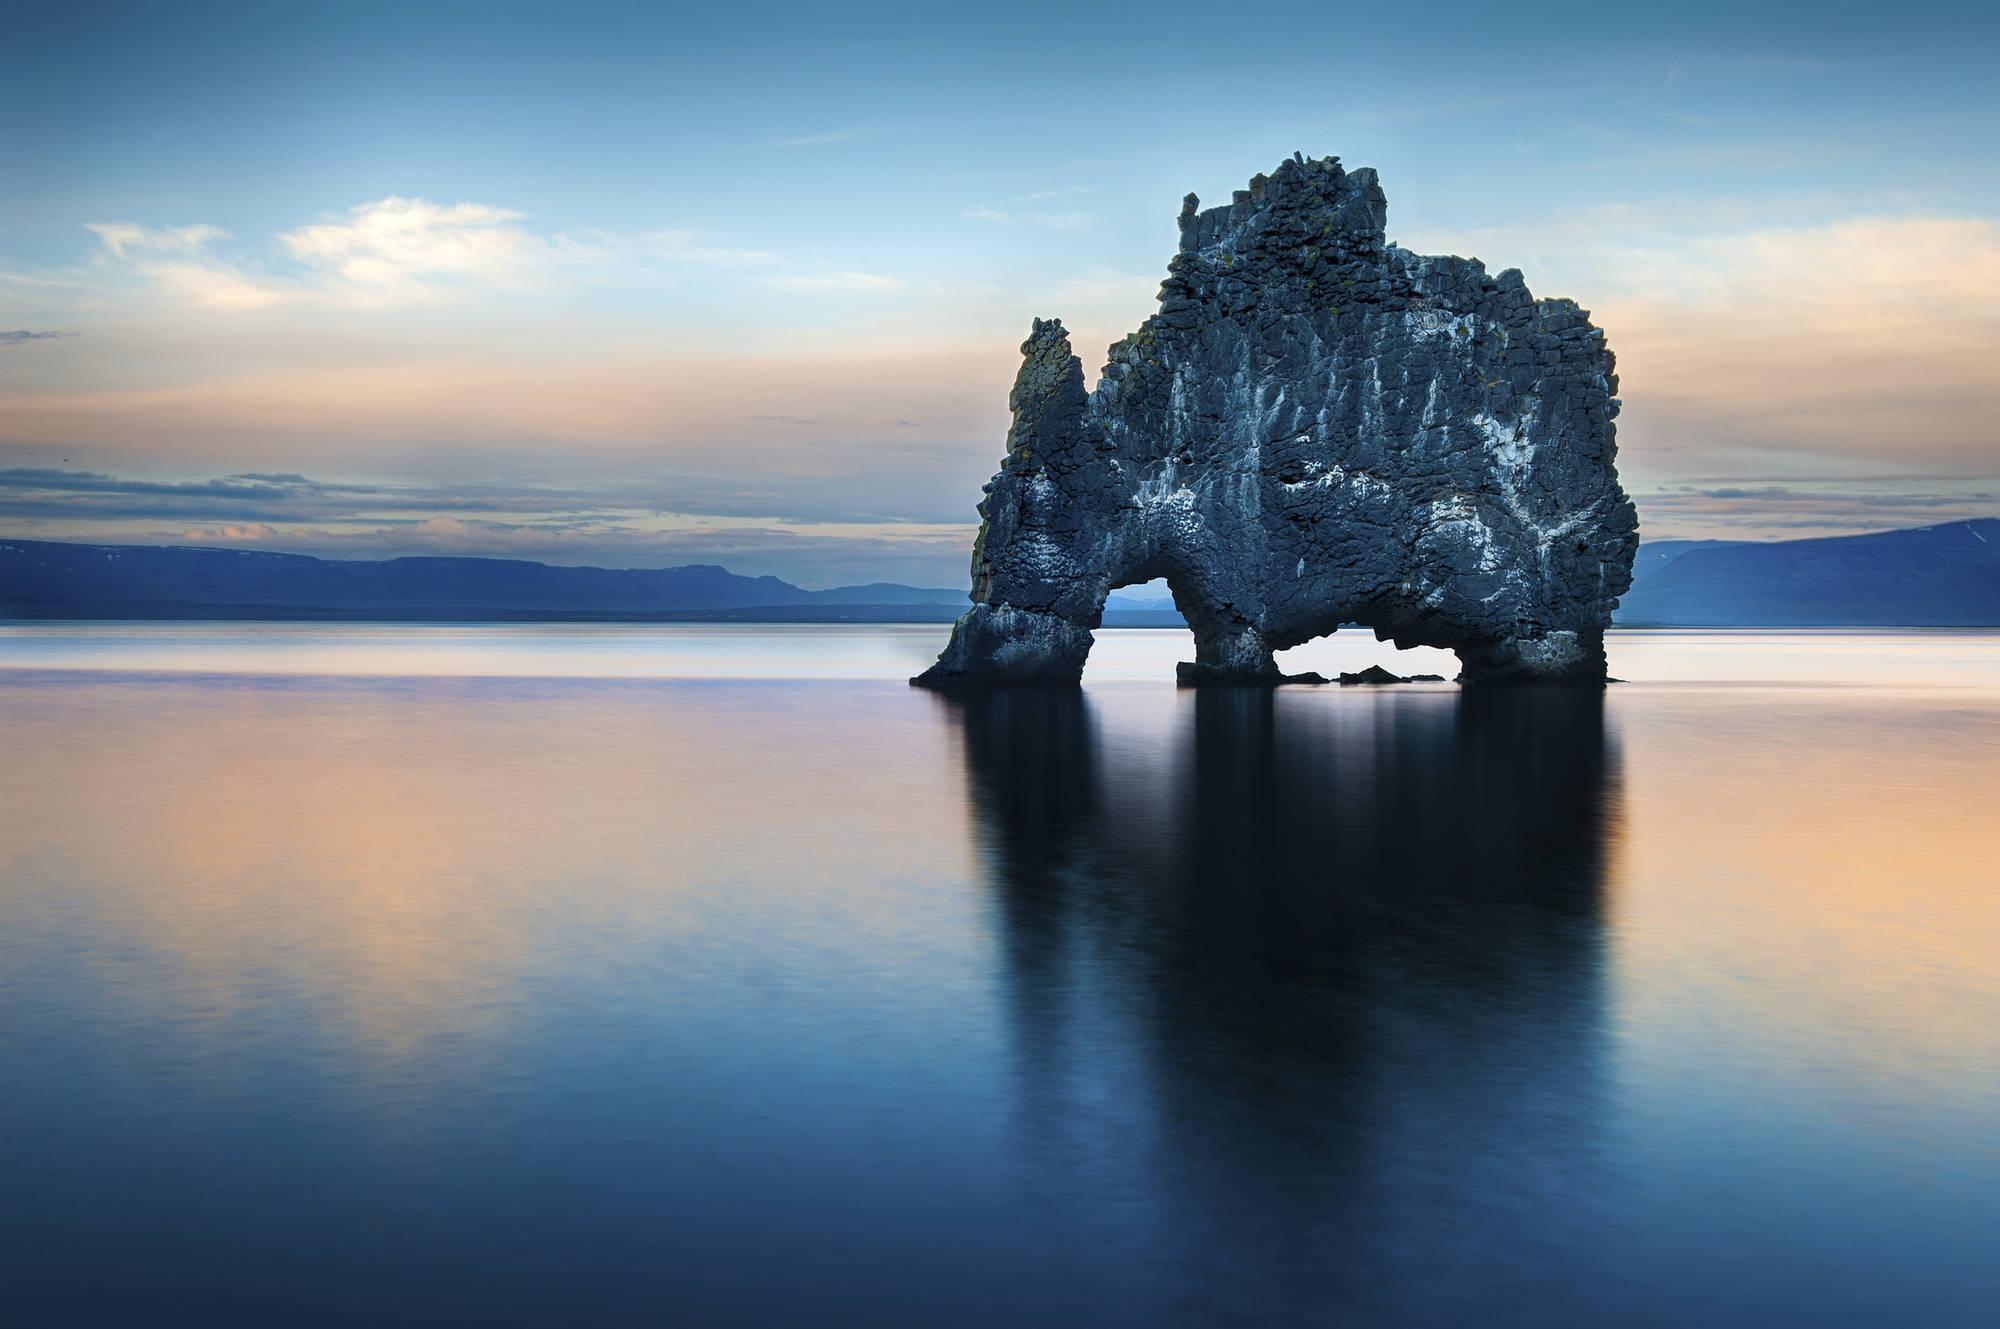 aleramo_viaggi_isla 1